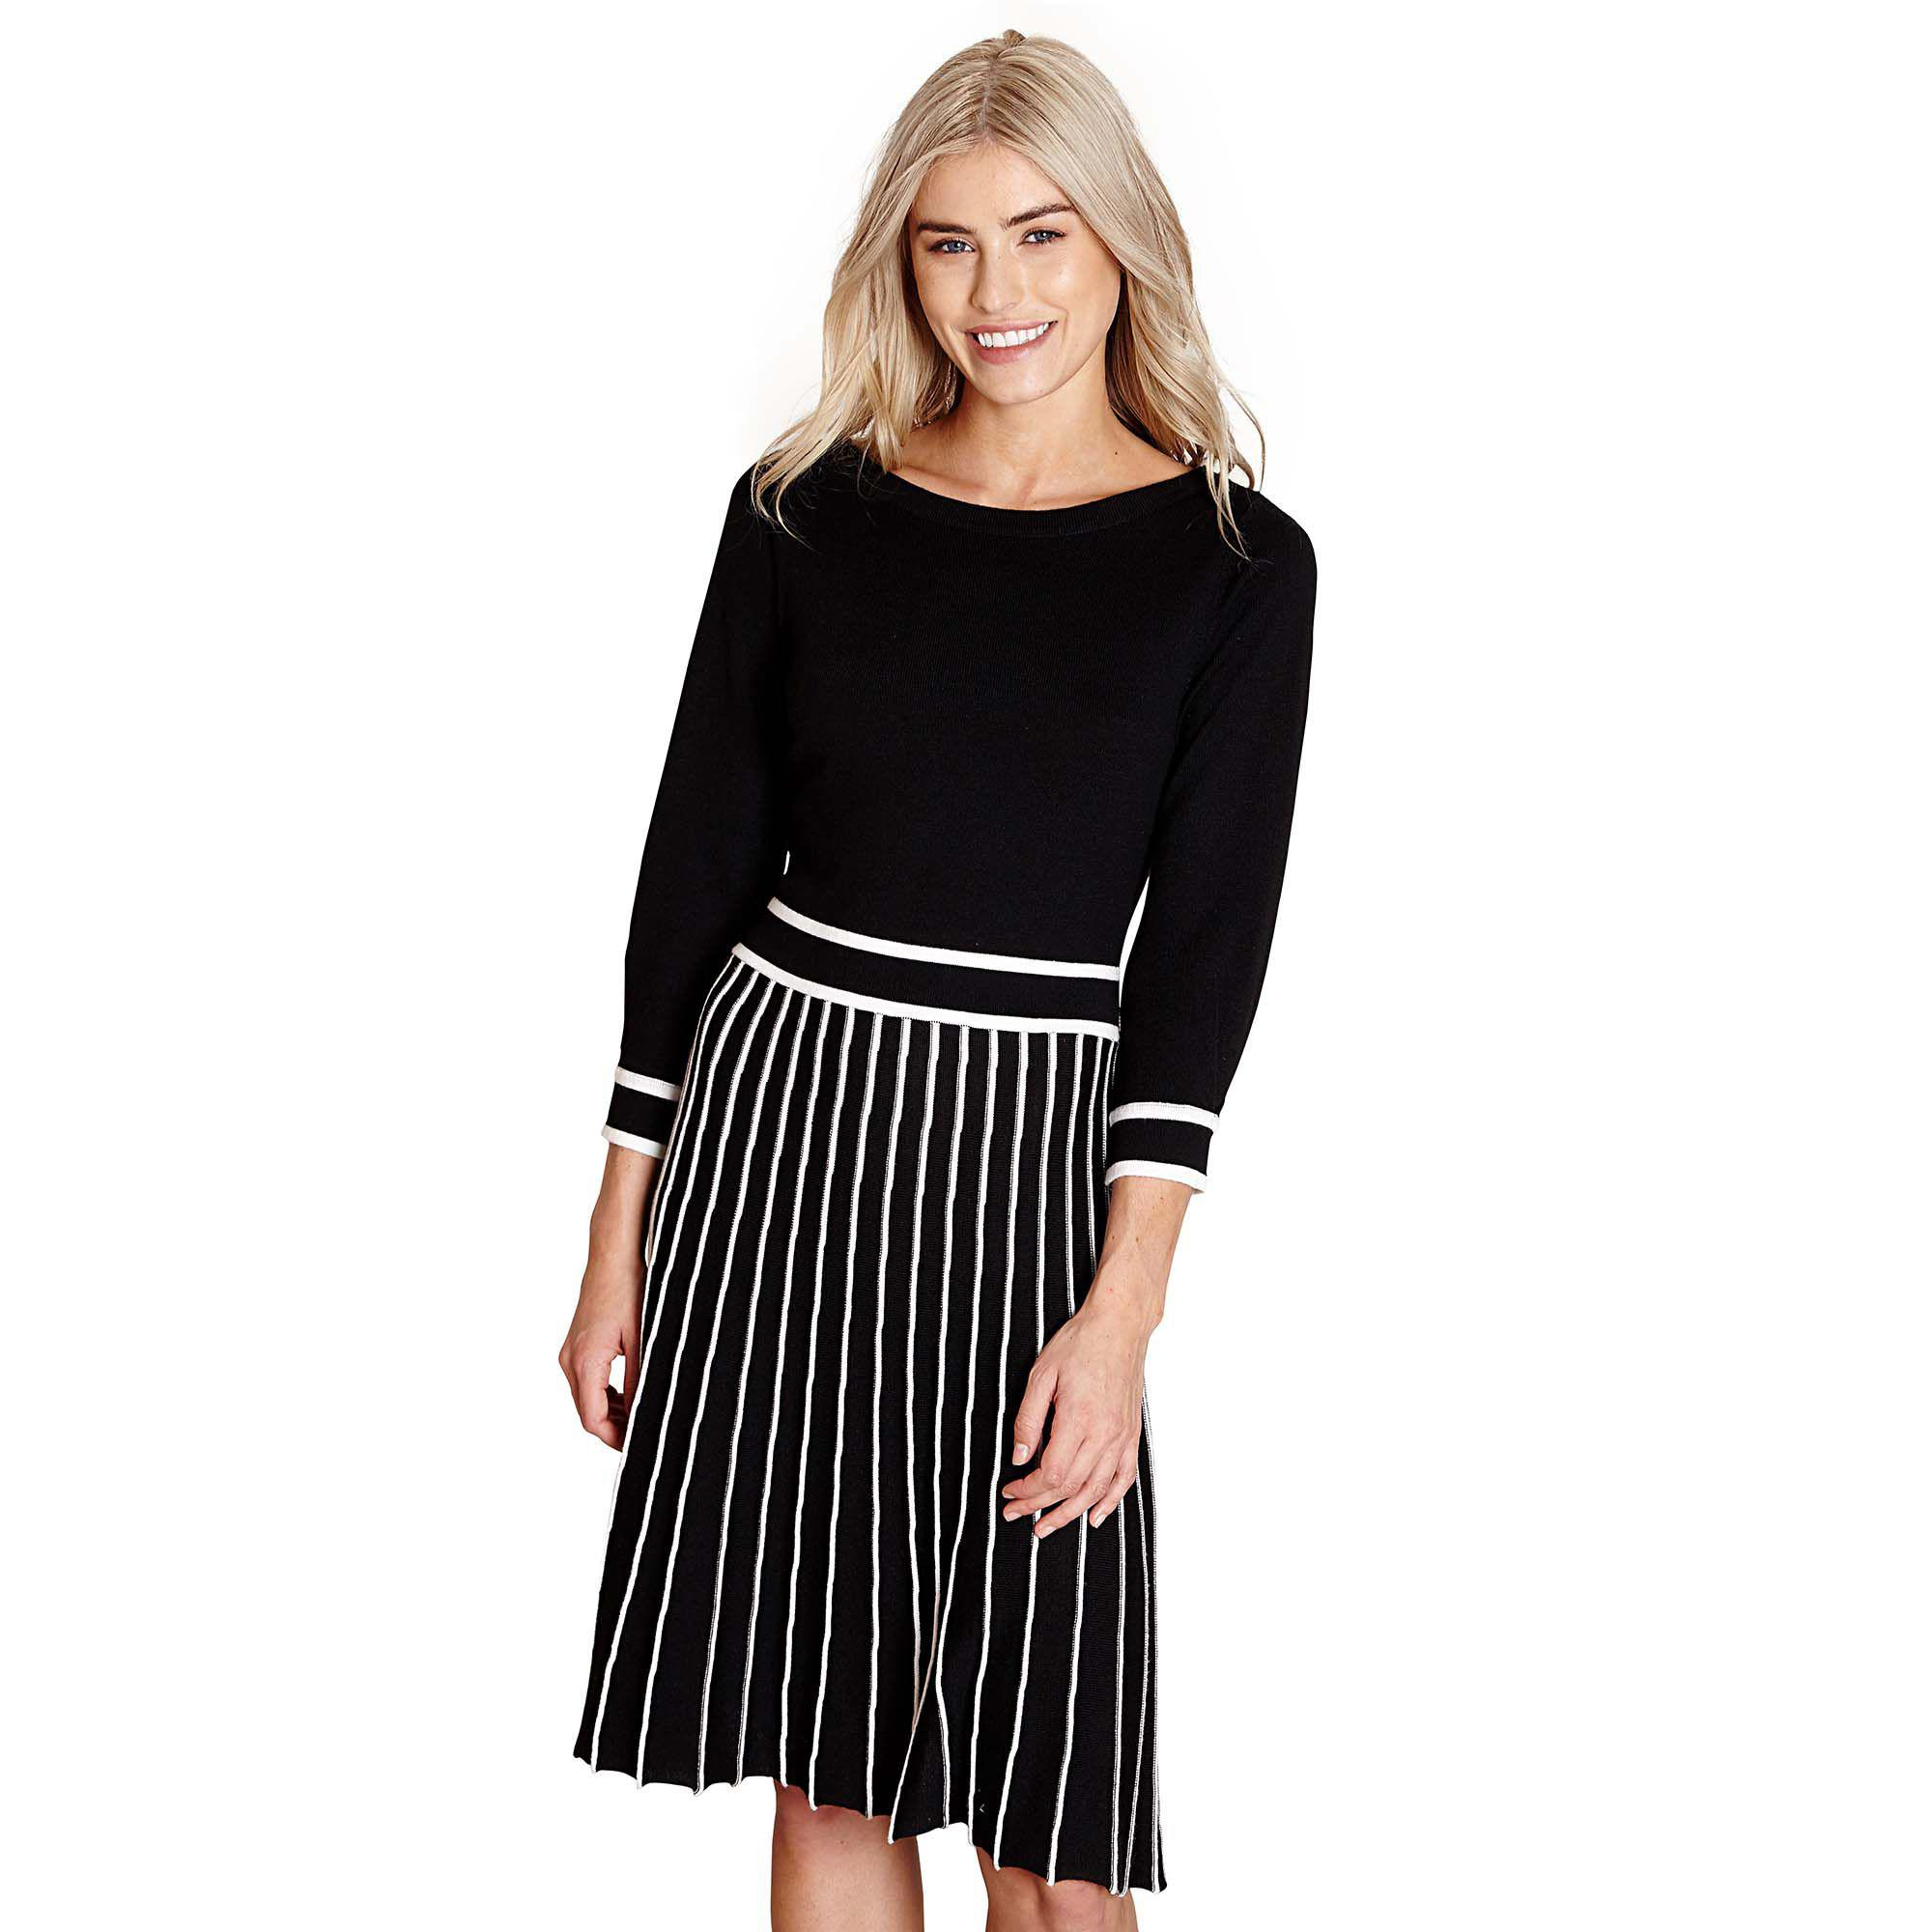 de93dbb1b37 yumi black dress – Little Black Dress